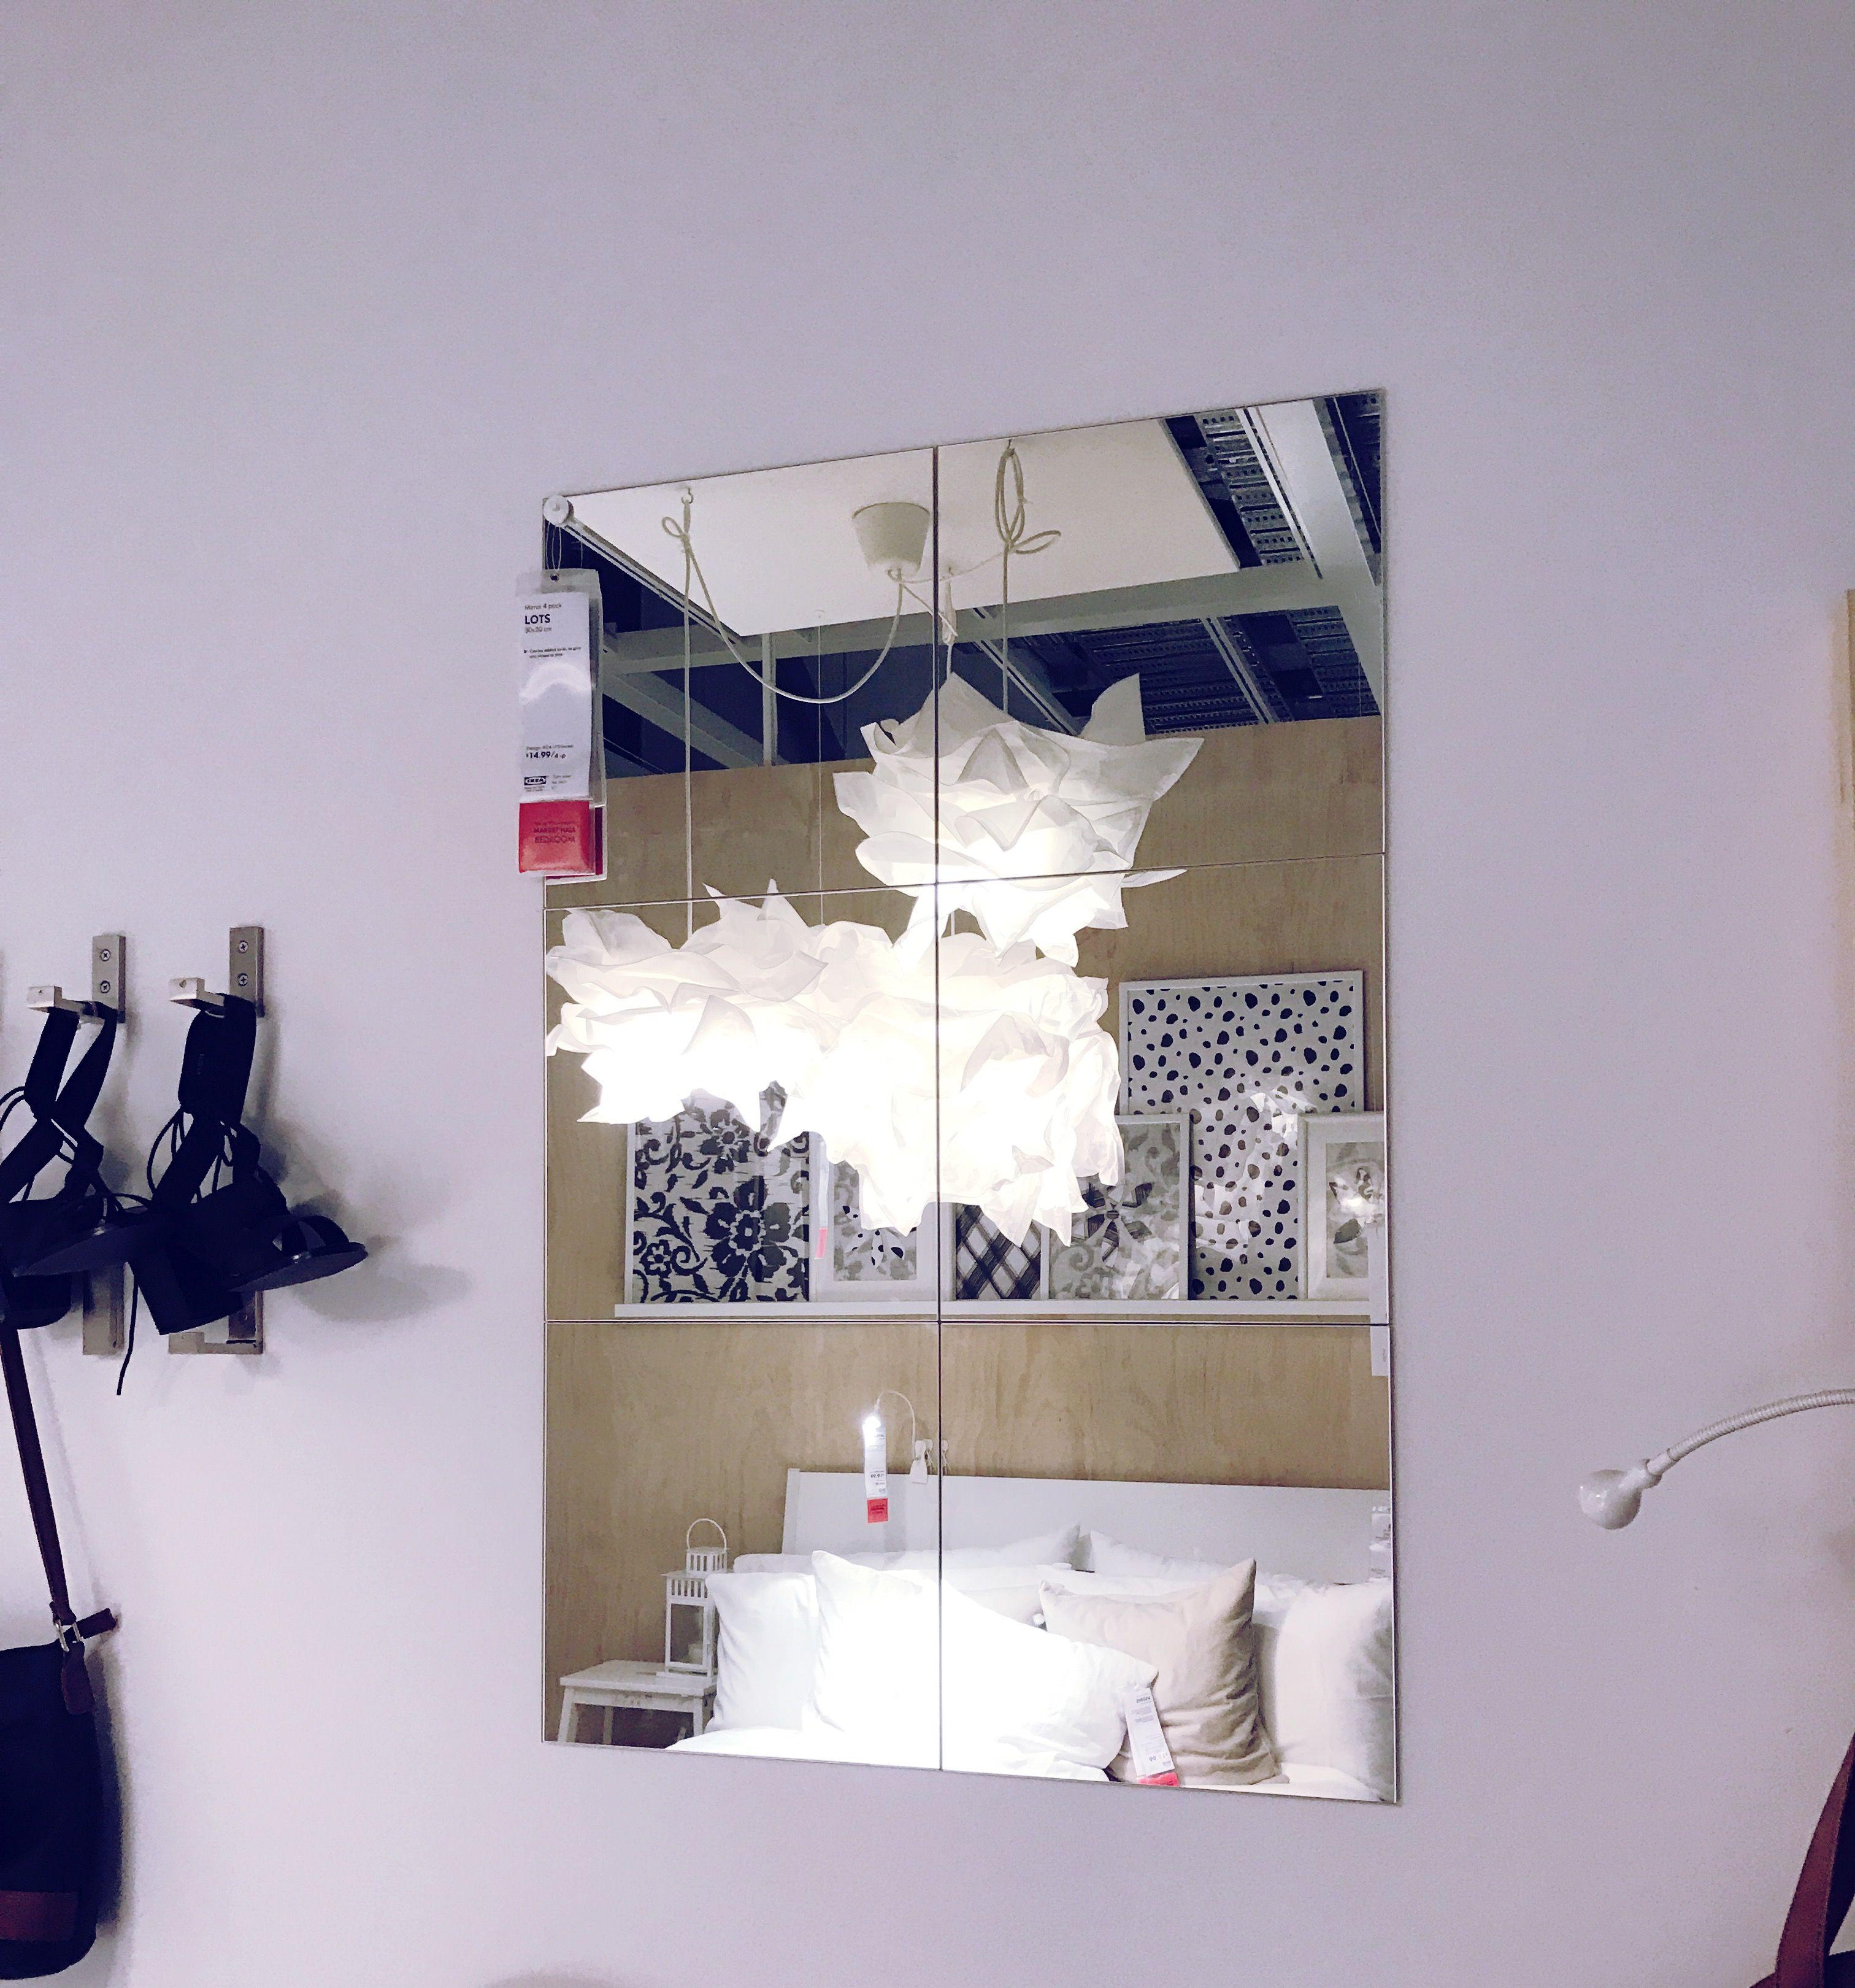 Ikea Lots Mirror For Hallway 1 Mirrors Ikea Craft Room